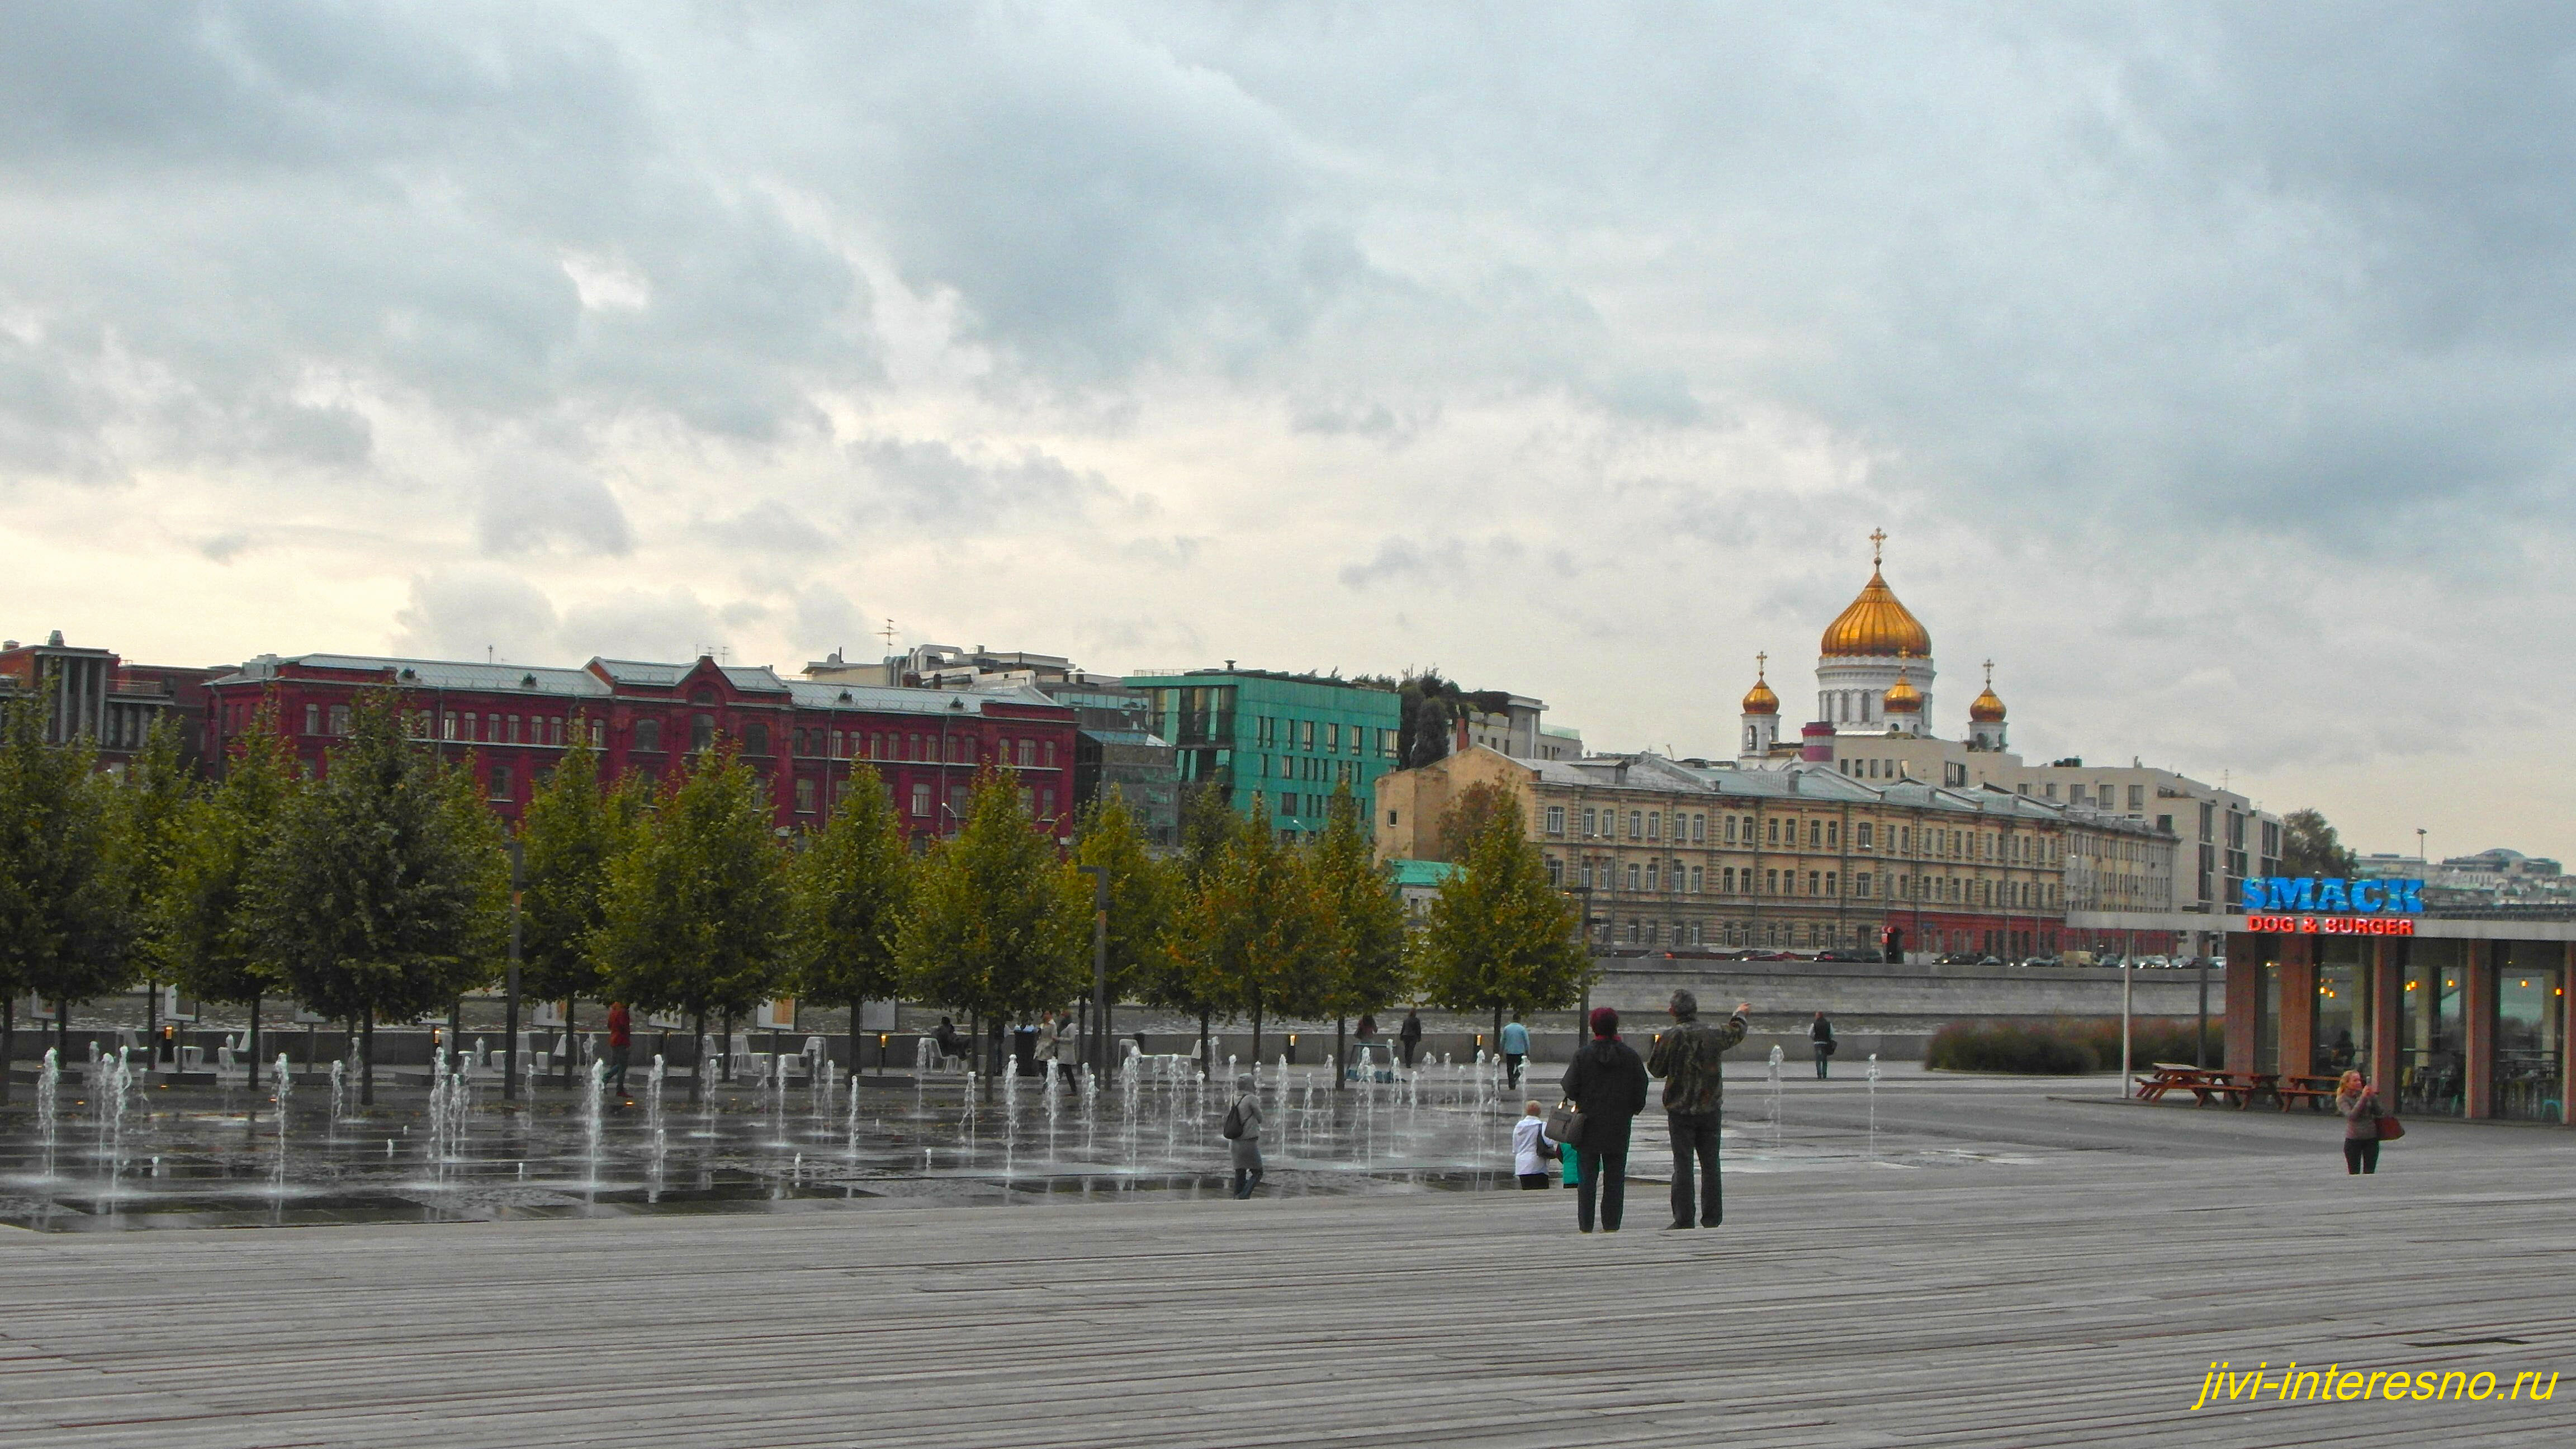 Интересные места в Москве - парк  Музеон